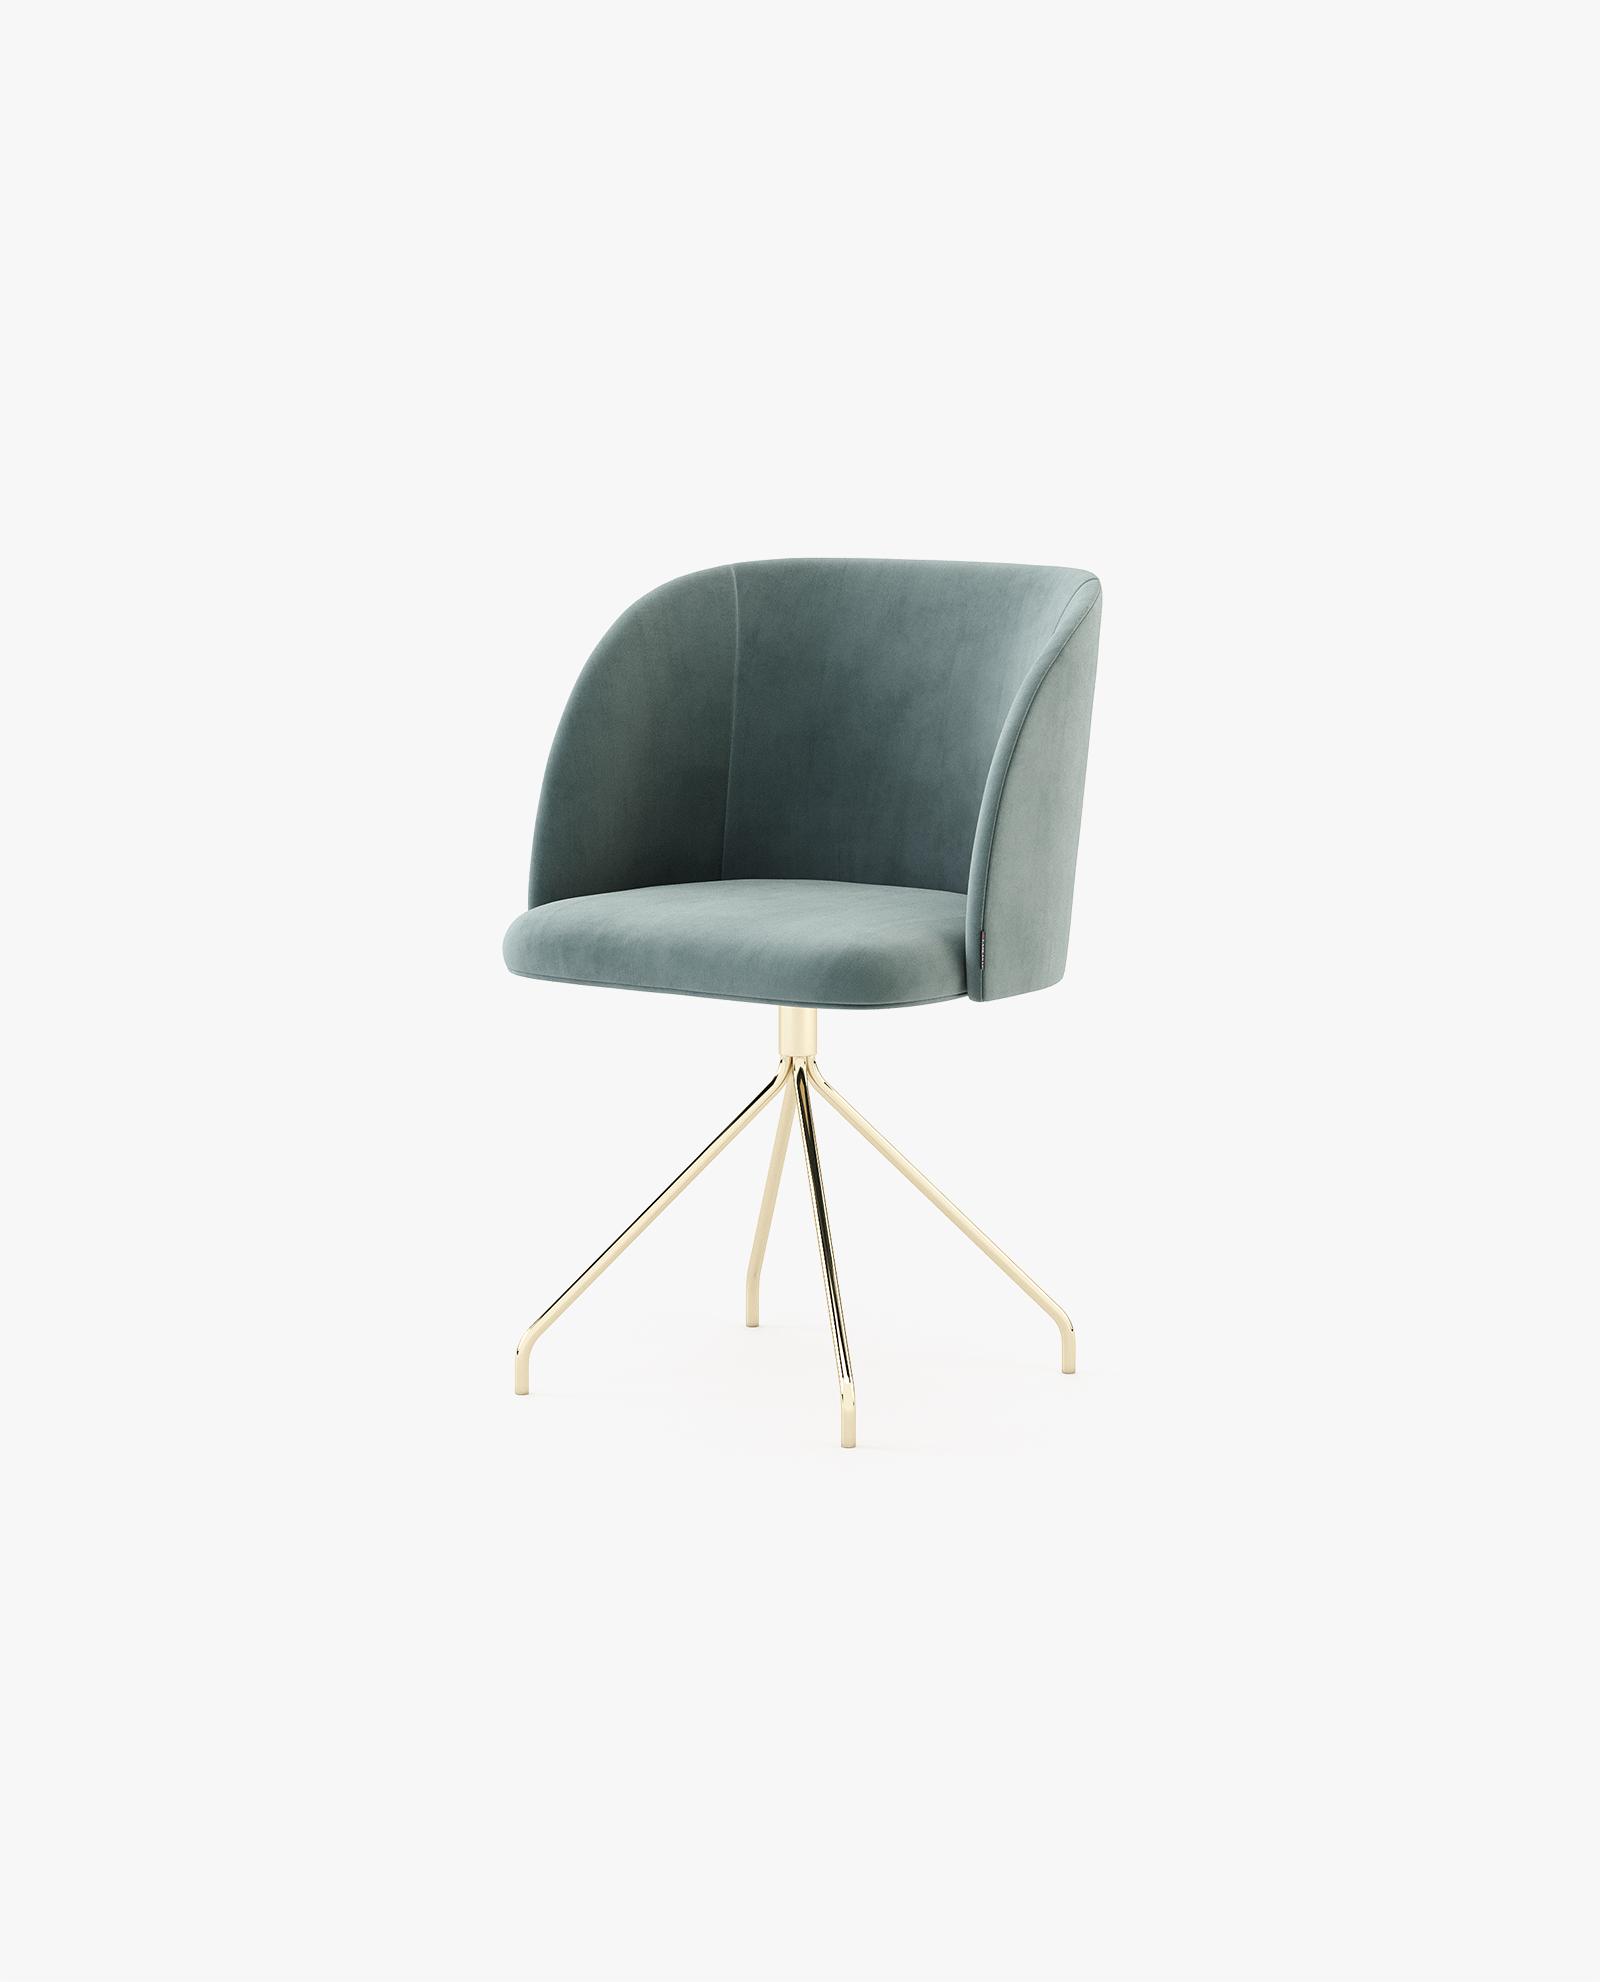 cadeira moderna com inox dourado